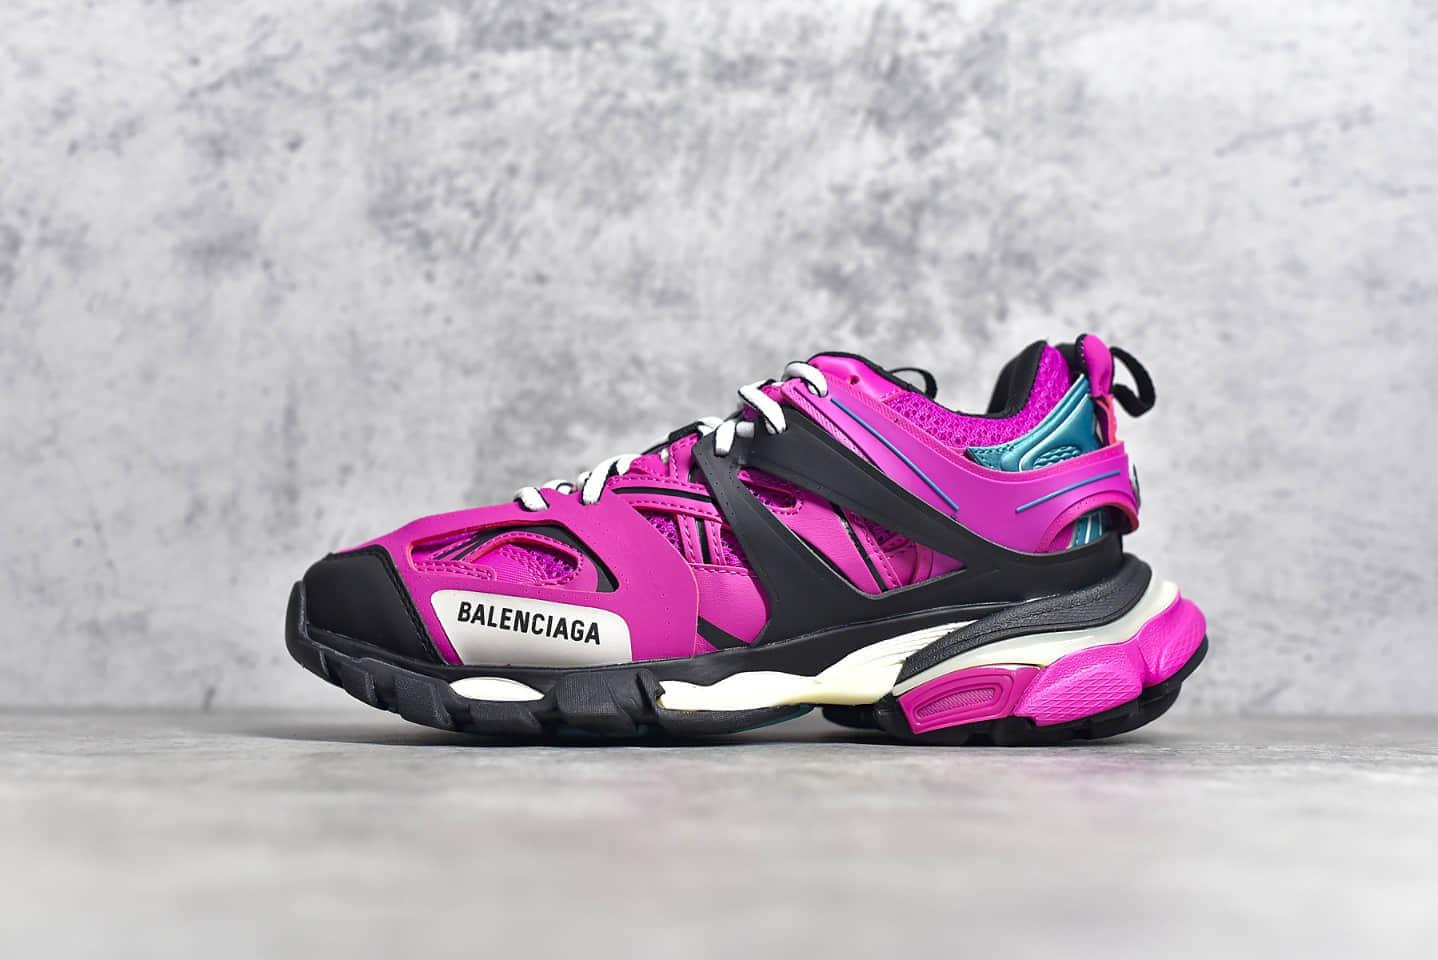 巴黎世家紫黑色老爹鞋顶级复刻 BALENCIAGA Trainers 3.0代 莆田巴黎世家老爹鞋-潮流者之家